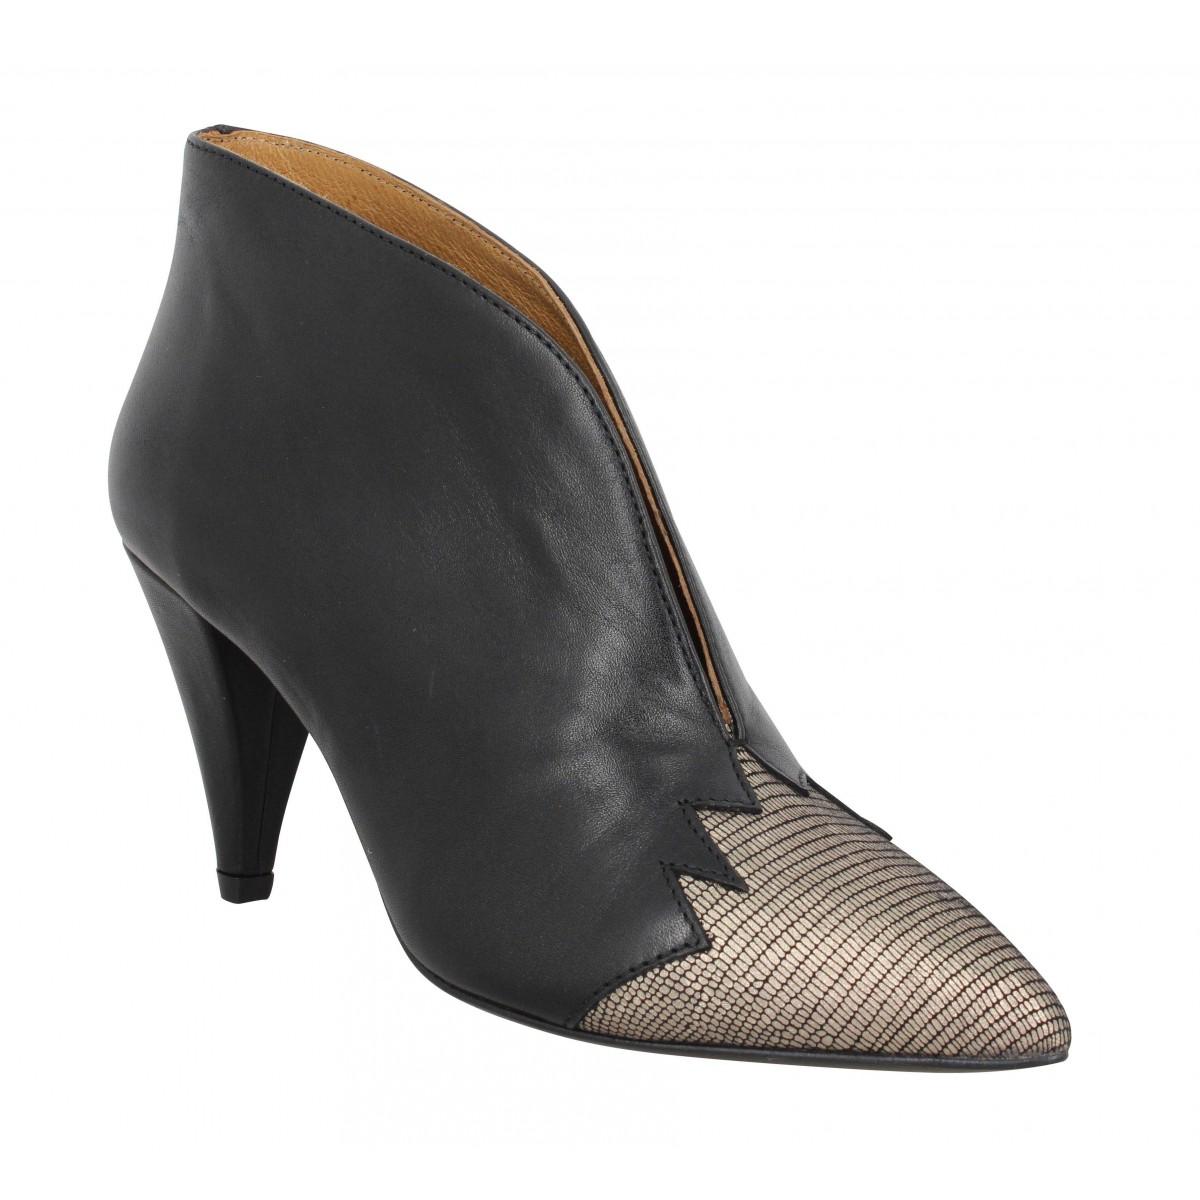 Bottines KMASSALIA Nina cuir Femme Noir Iron